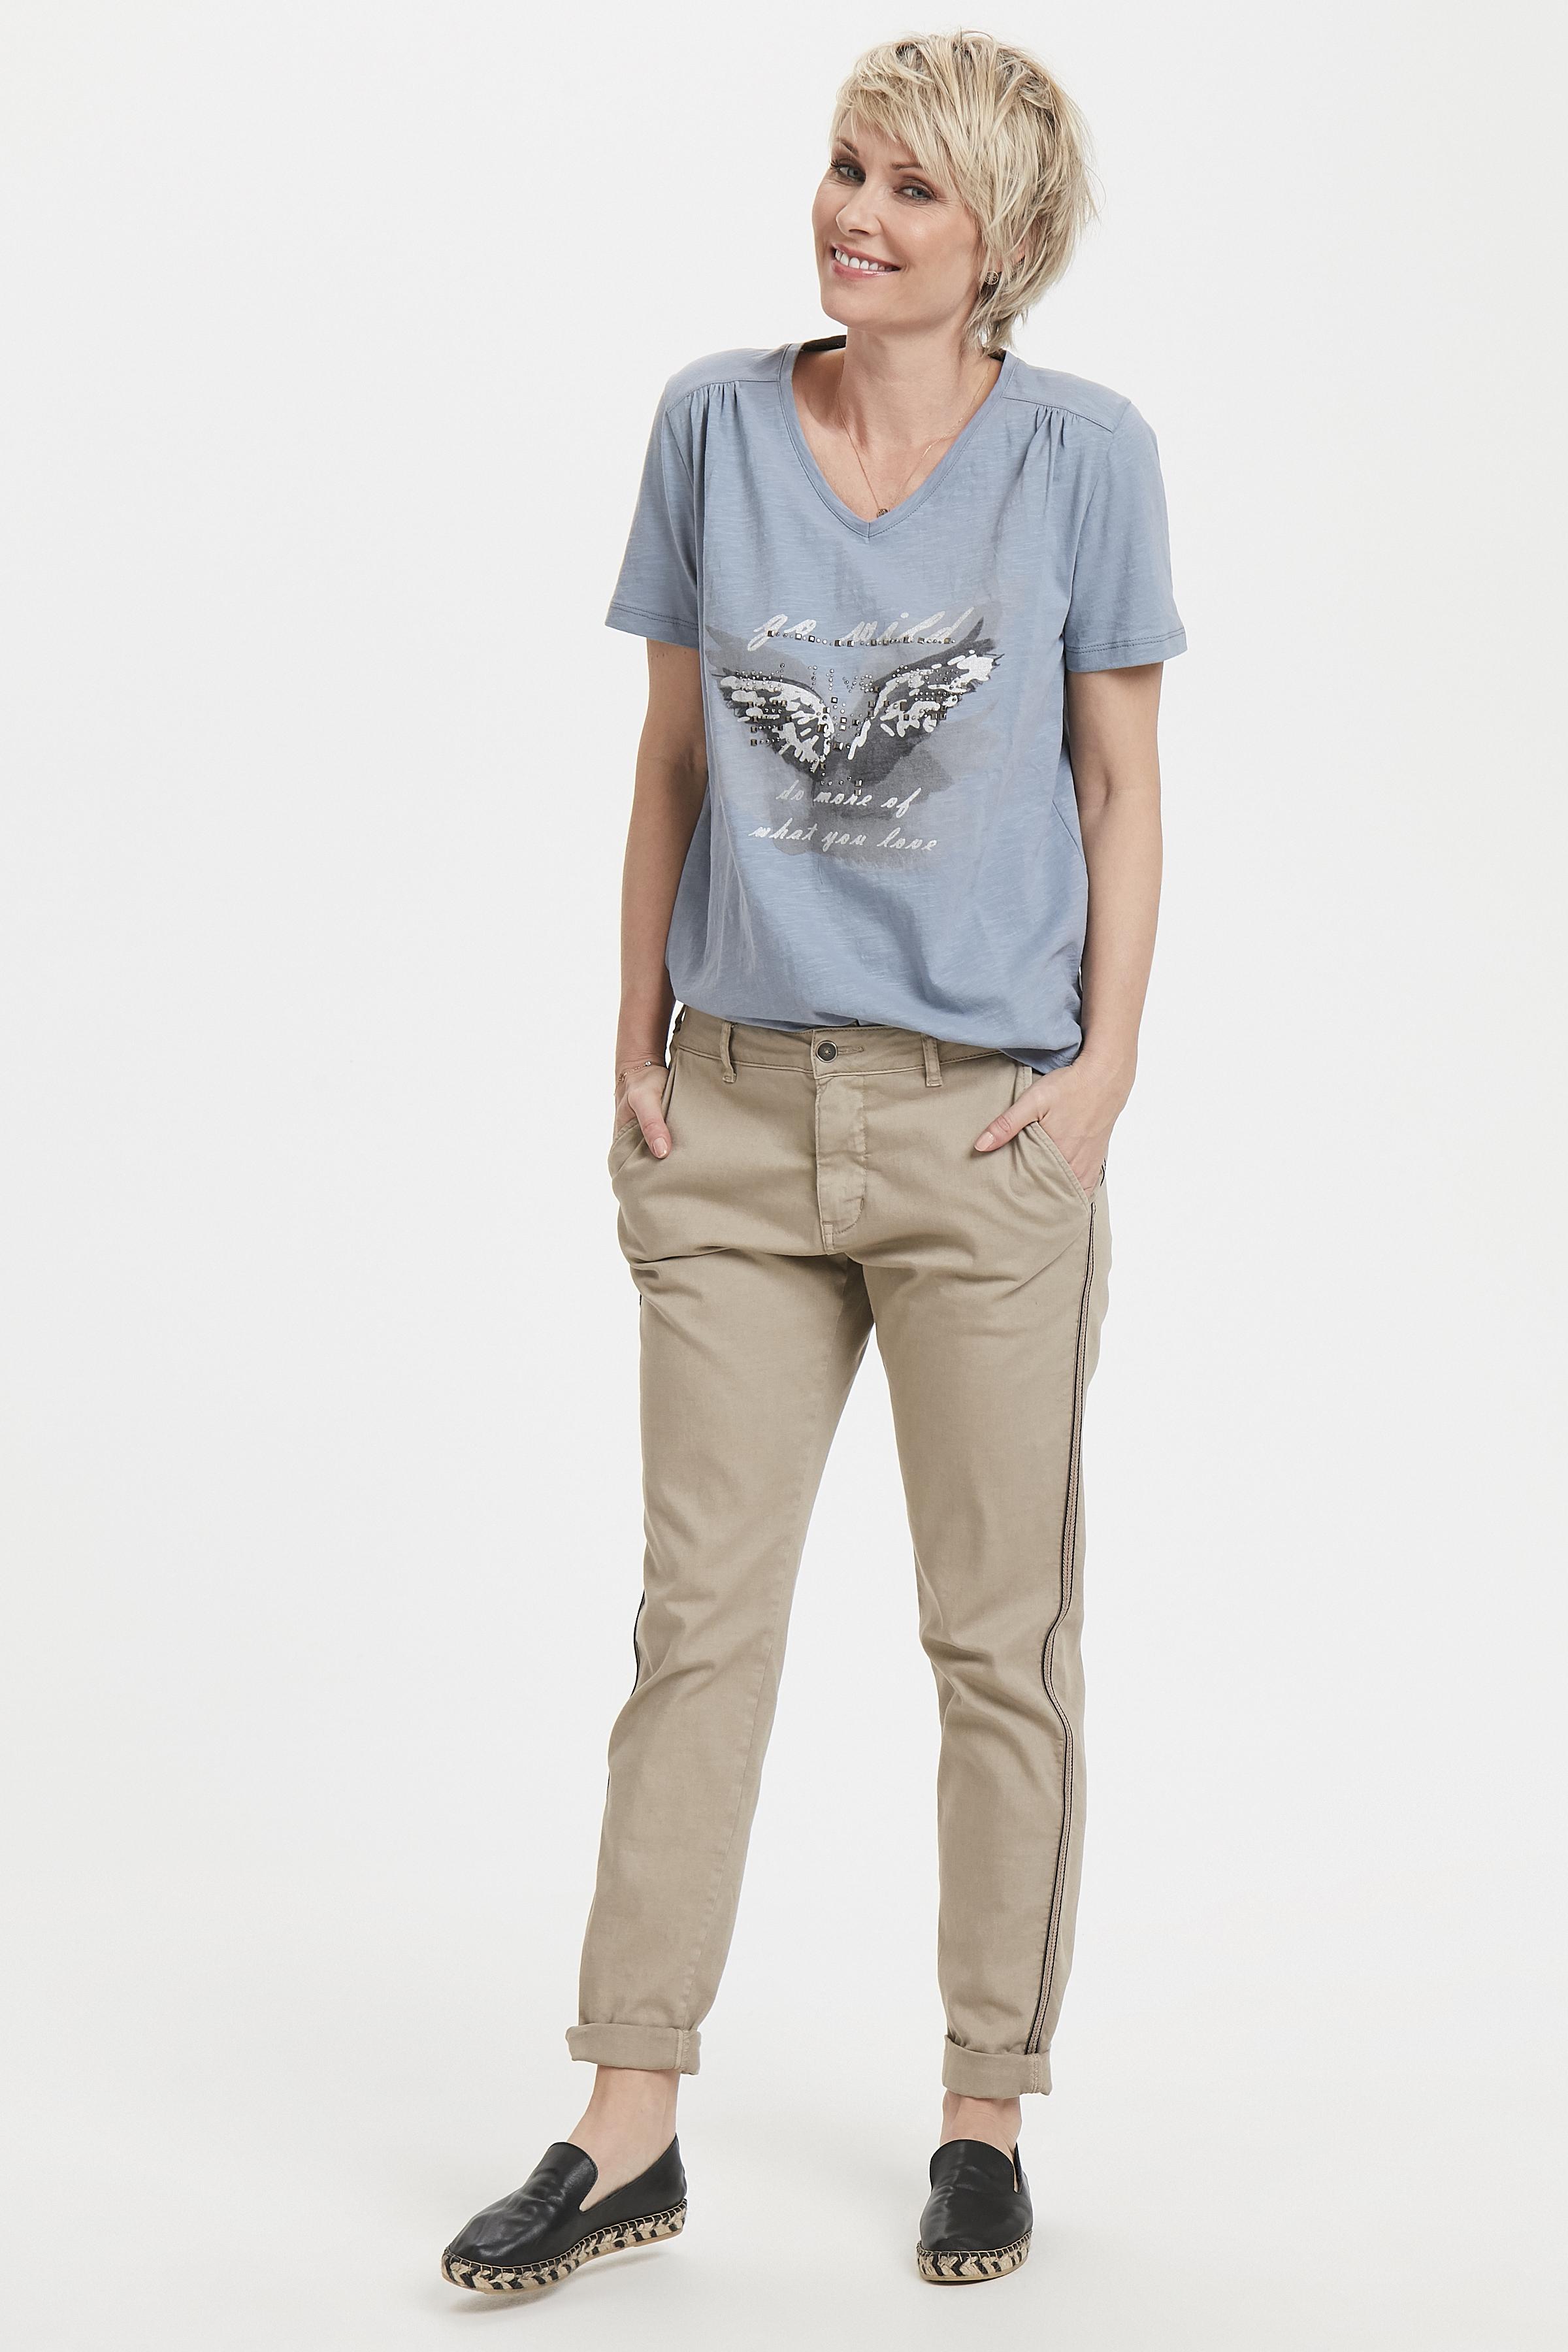 Støvet blå Kortærmet T-shirt fra Bon'A Parte – Køb Støvet blå Kortærmet T-shirt fra str. S-2XL her